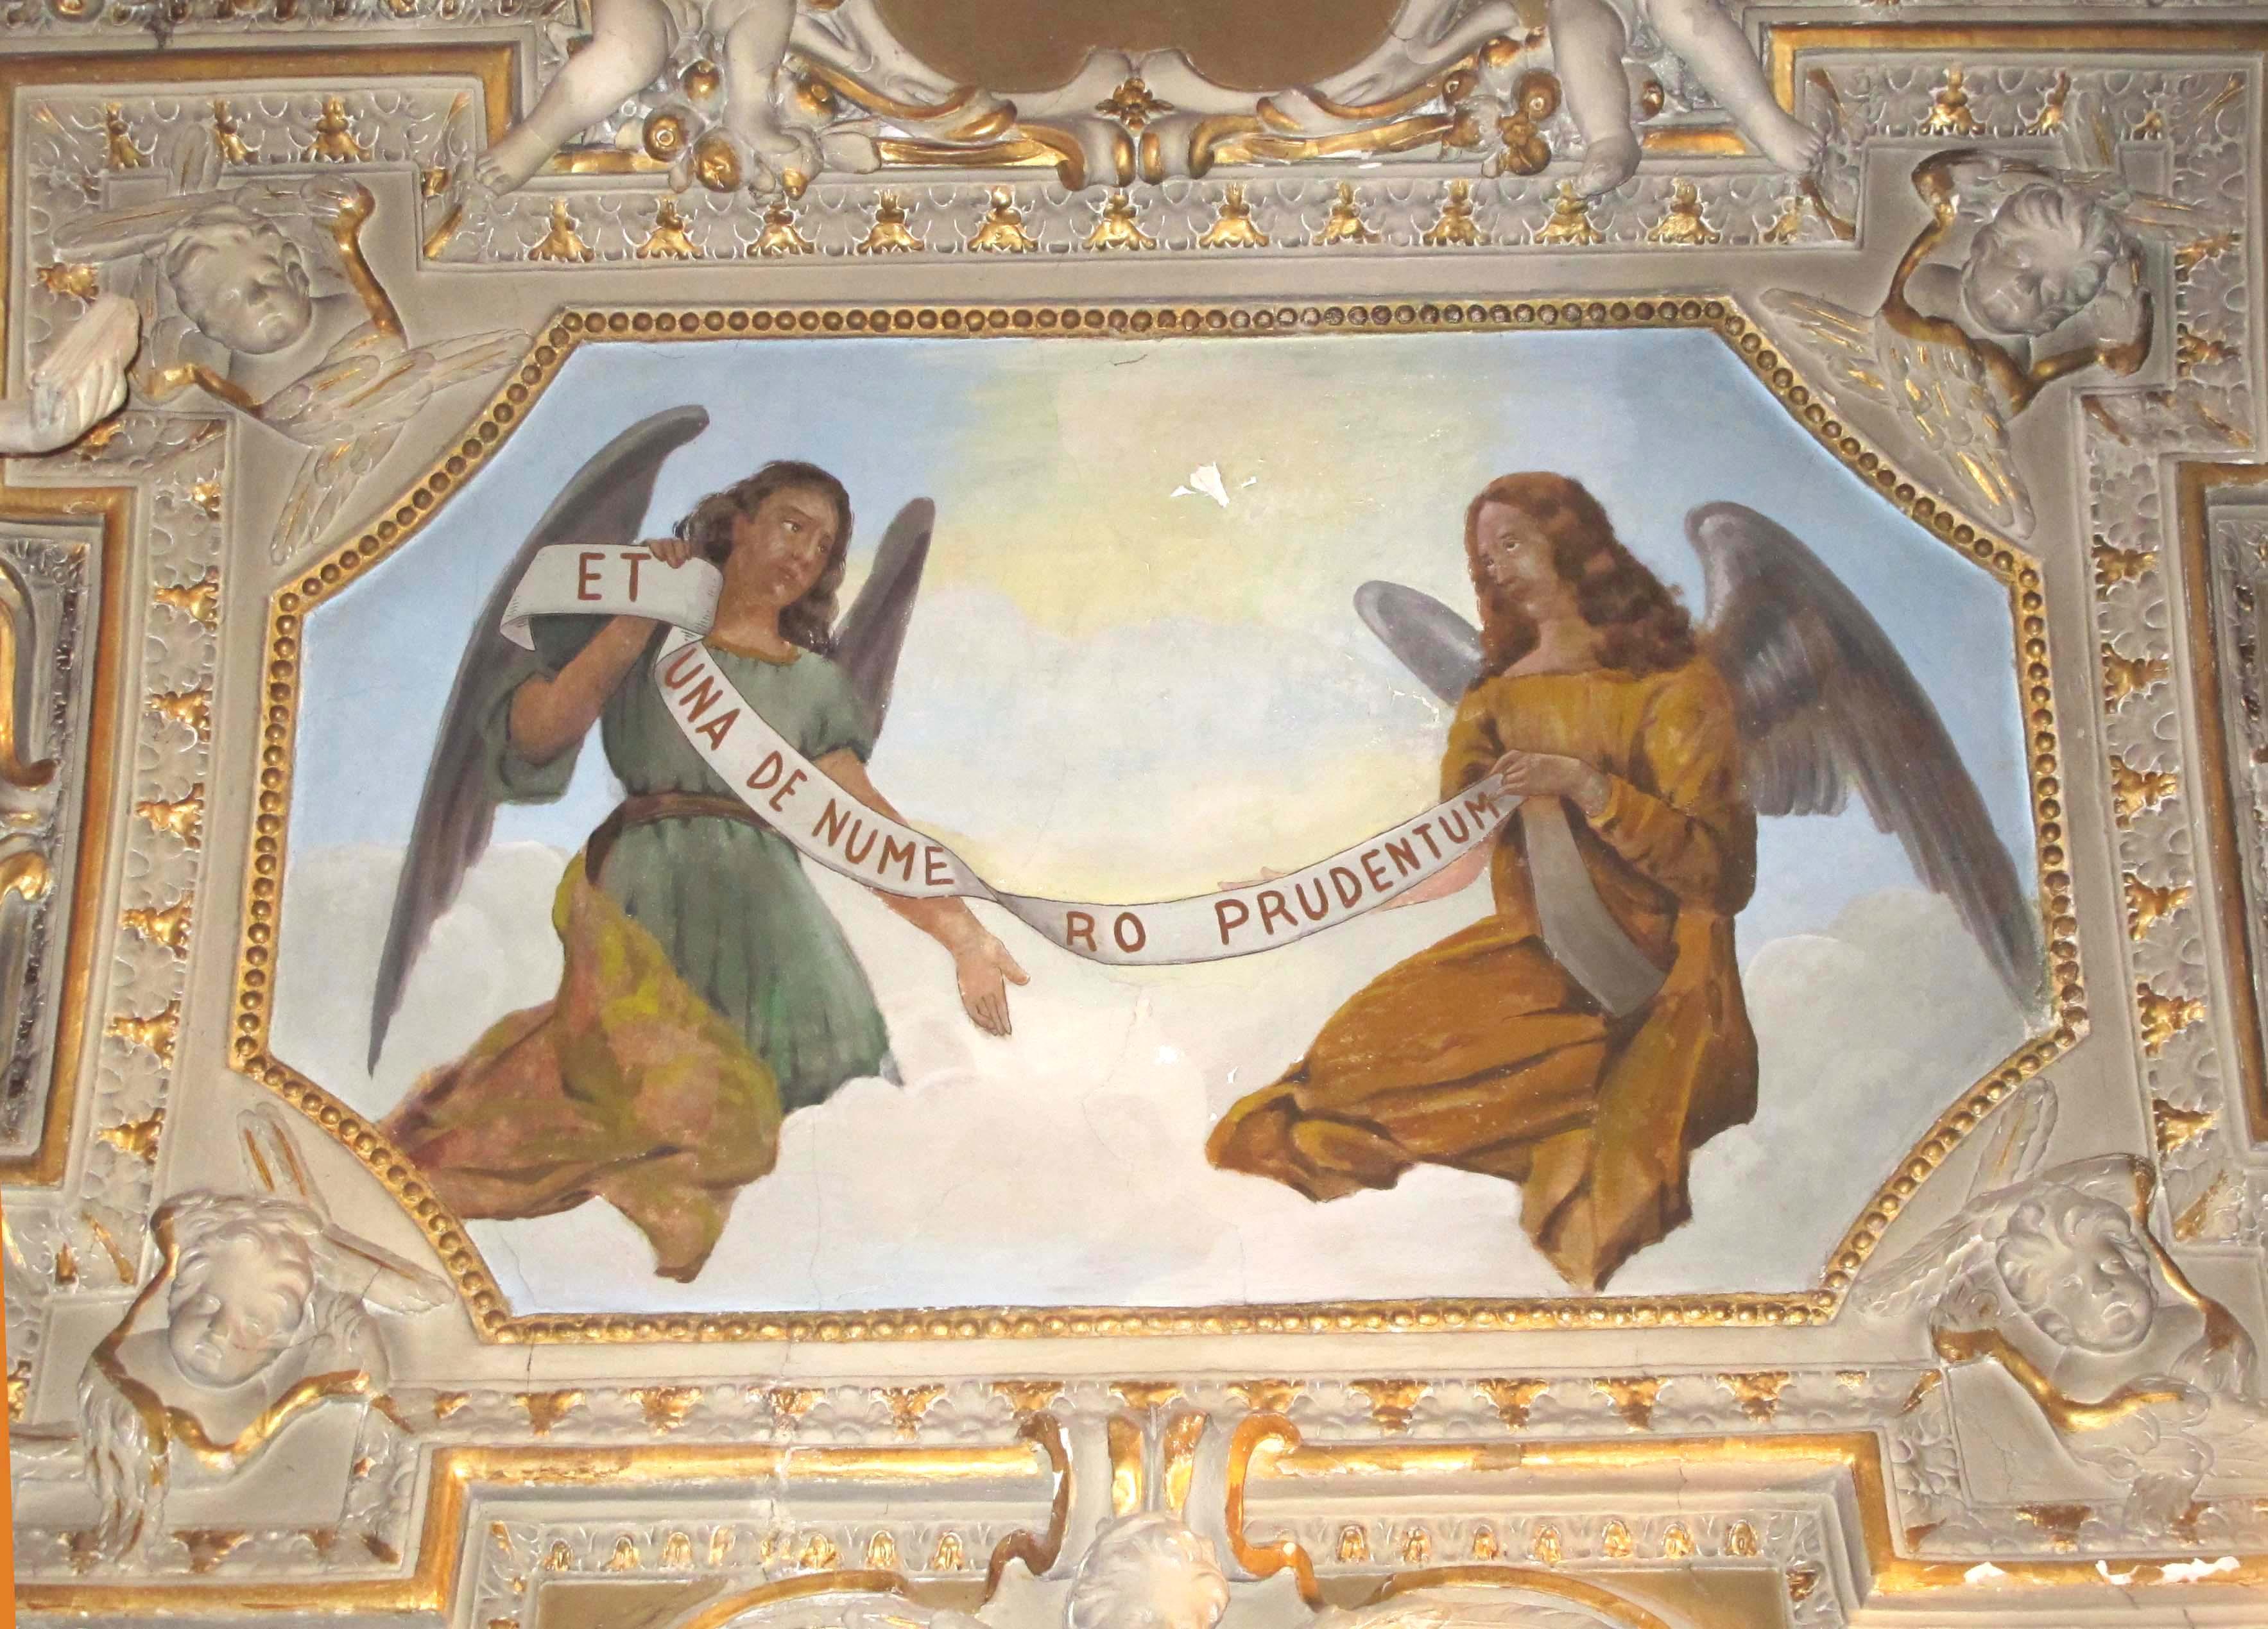 ANONIMO, Angeli (fine sec. XIX, inizio sec. XX)